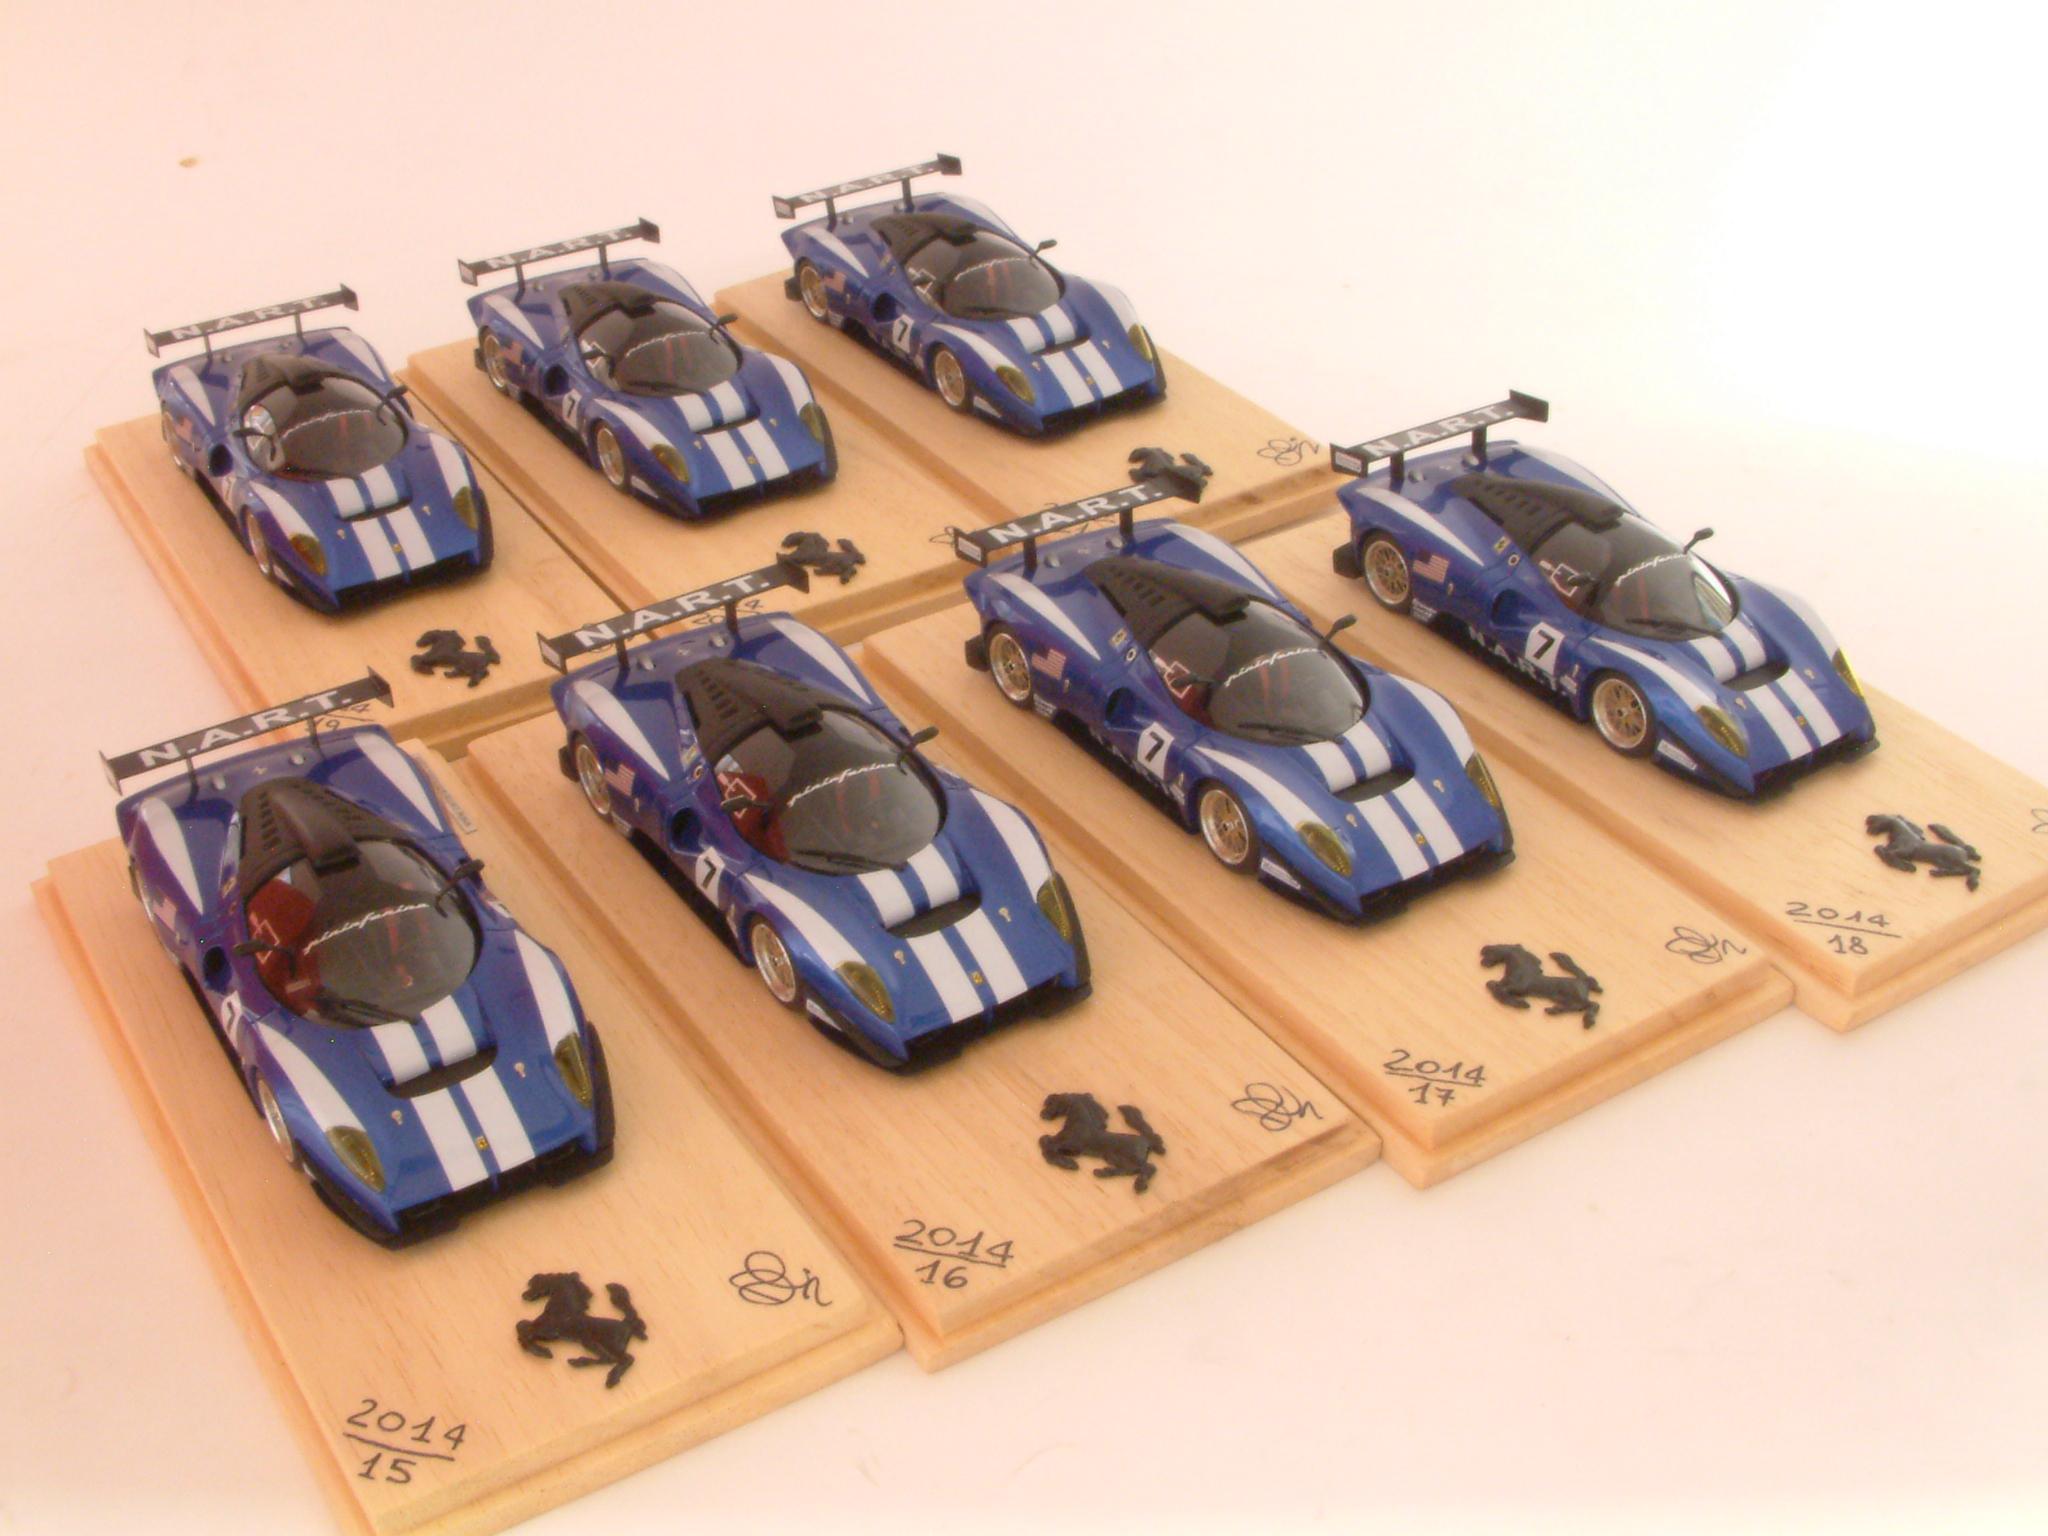 Serie di 7 esemplari montati su base Yow Modellini numeri di serie : 15-21 / 2014